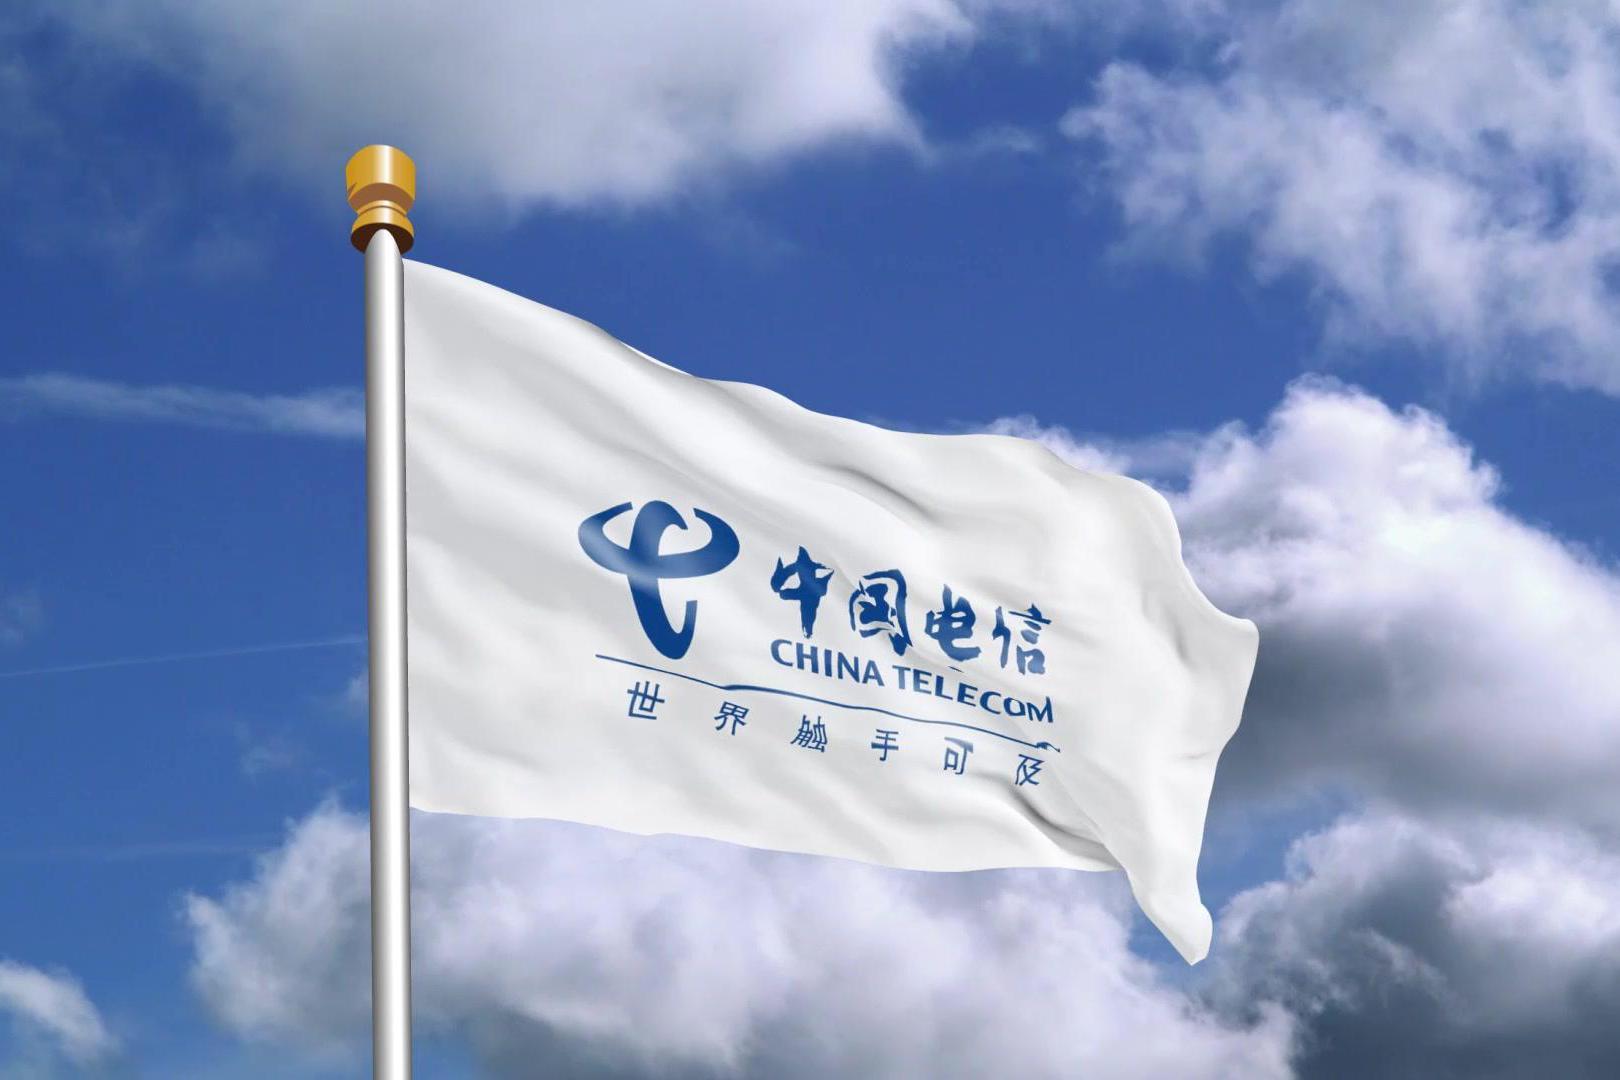 """中国电信用实力演绎""""黄埔军校""""盛名:向中国联通再输高管!"""